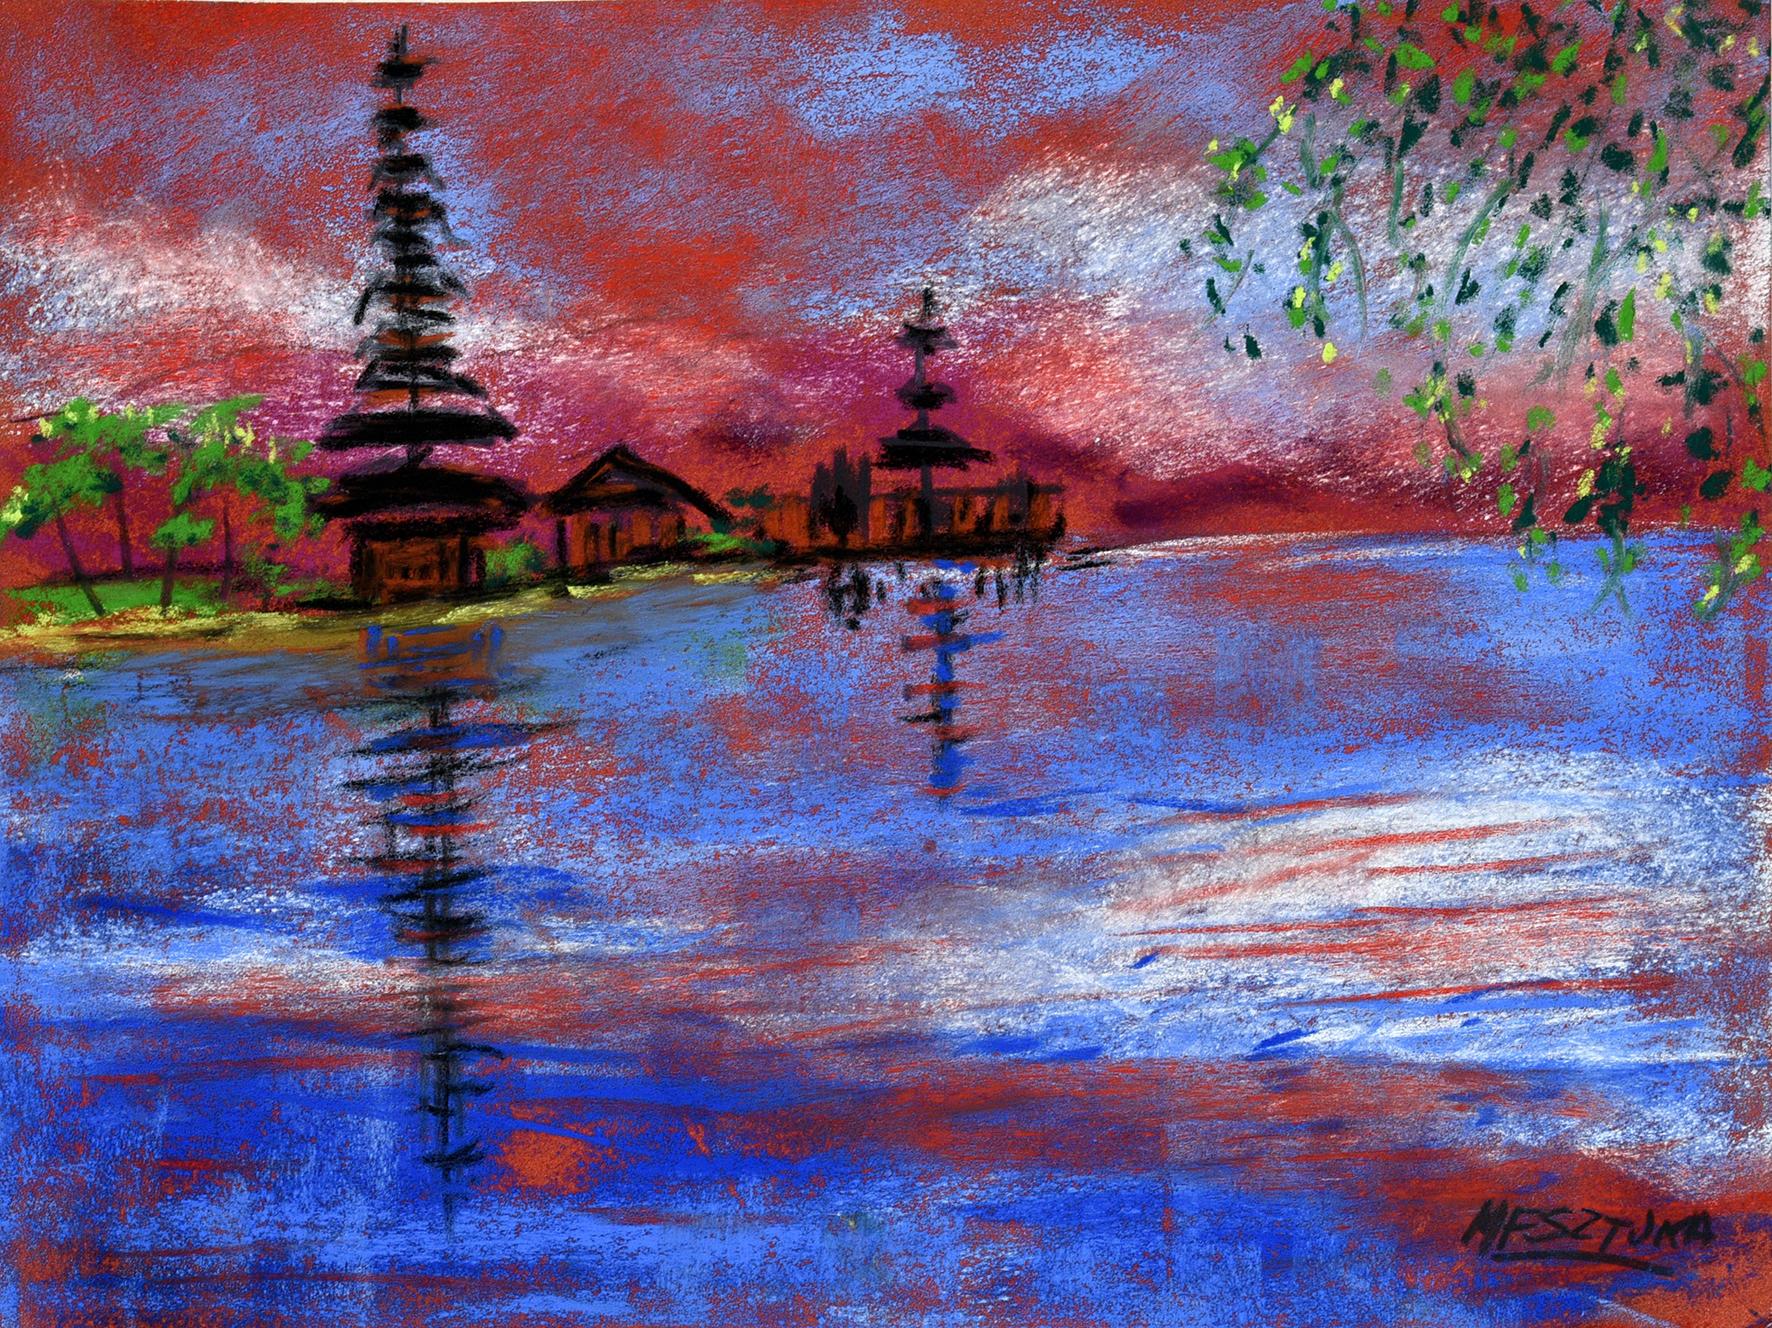 """<span style=""""color: #ff0000;""""><a style=""""color: #ff0000;"""" href=""""mailto:mfsztuka@orange.fr?subject=Défi 15 dessins 15 semaines - Le lac Batur à Bali"""">Contacter l'artiste</a></span> Marie-Françoise Sztuka - Le lac Batur à Bali - 40 euros (transaction directement avec l'artiste) - pastel sec sur pastel card - 25 x 33 cm"""